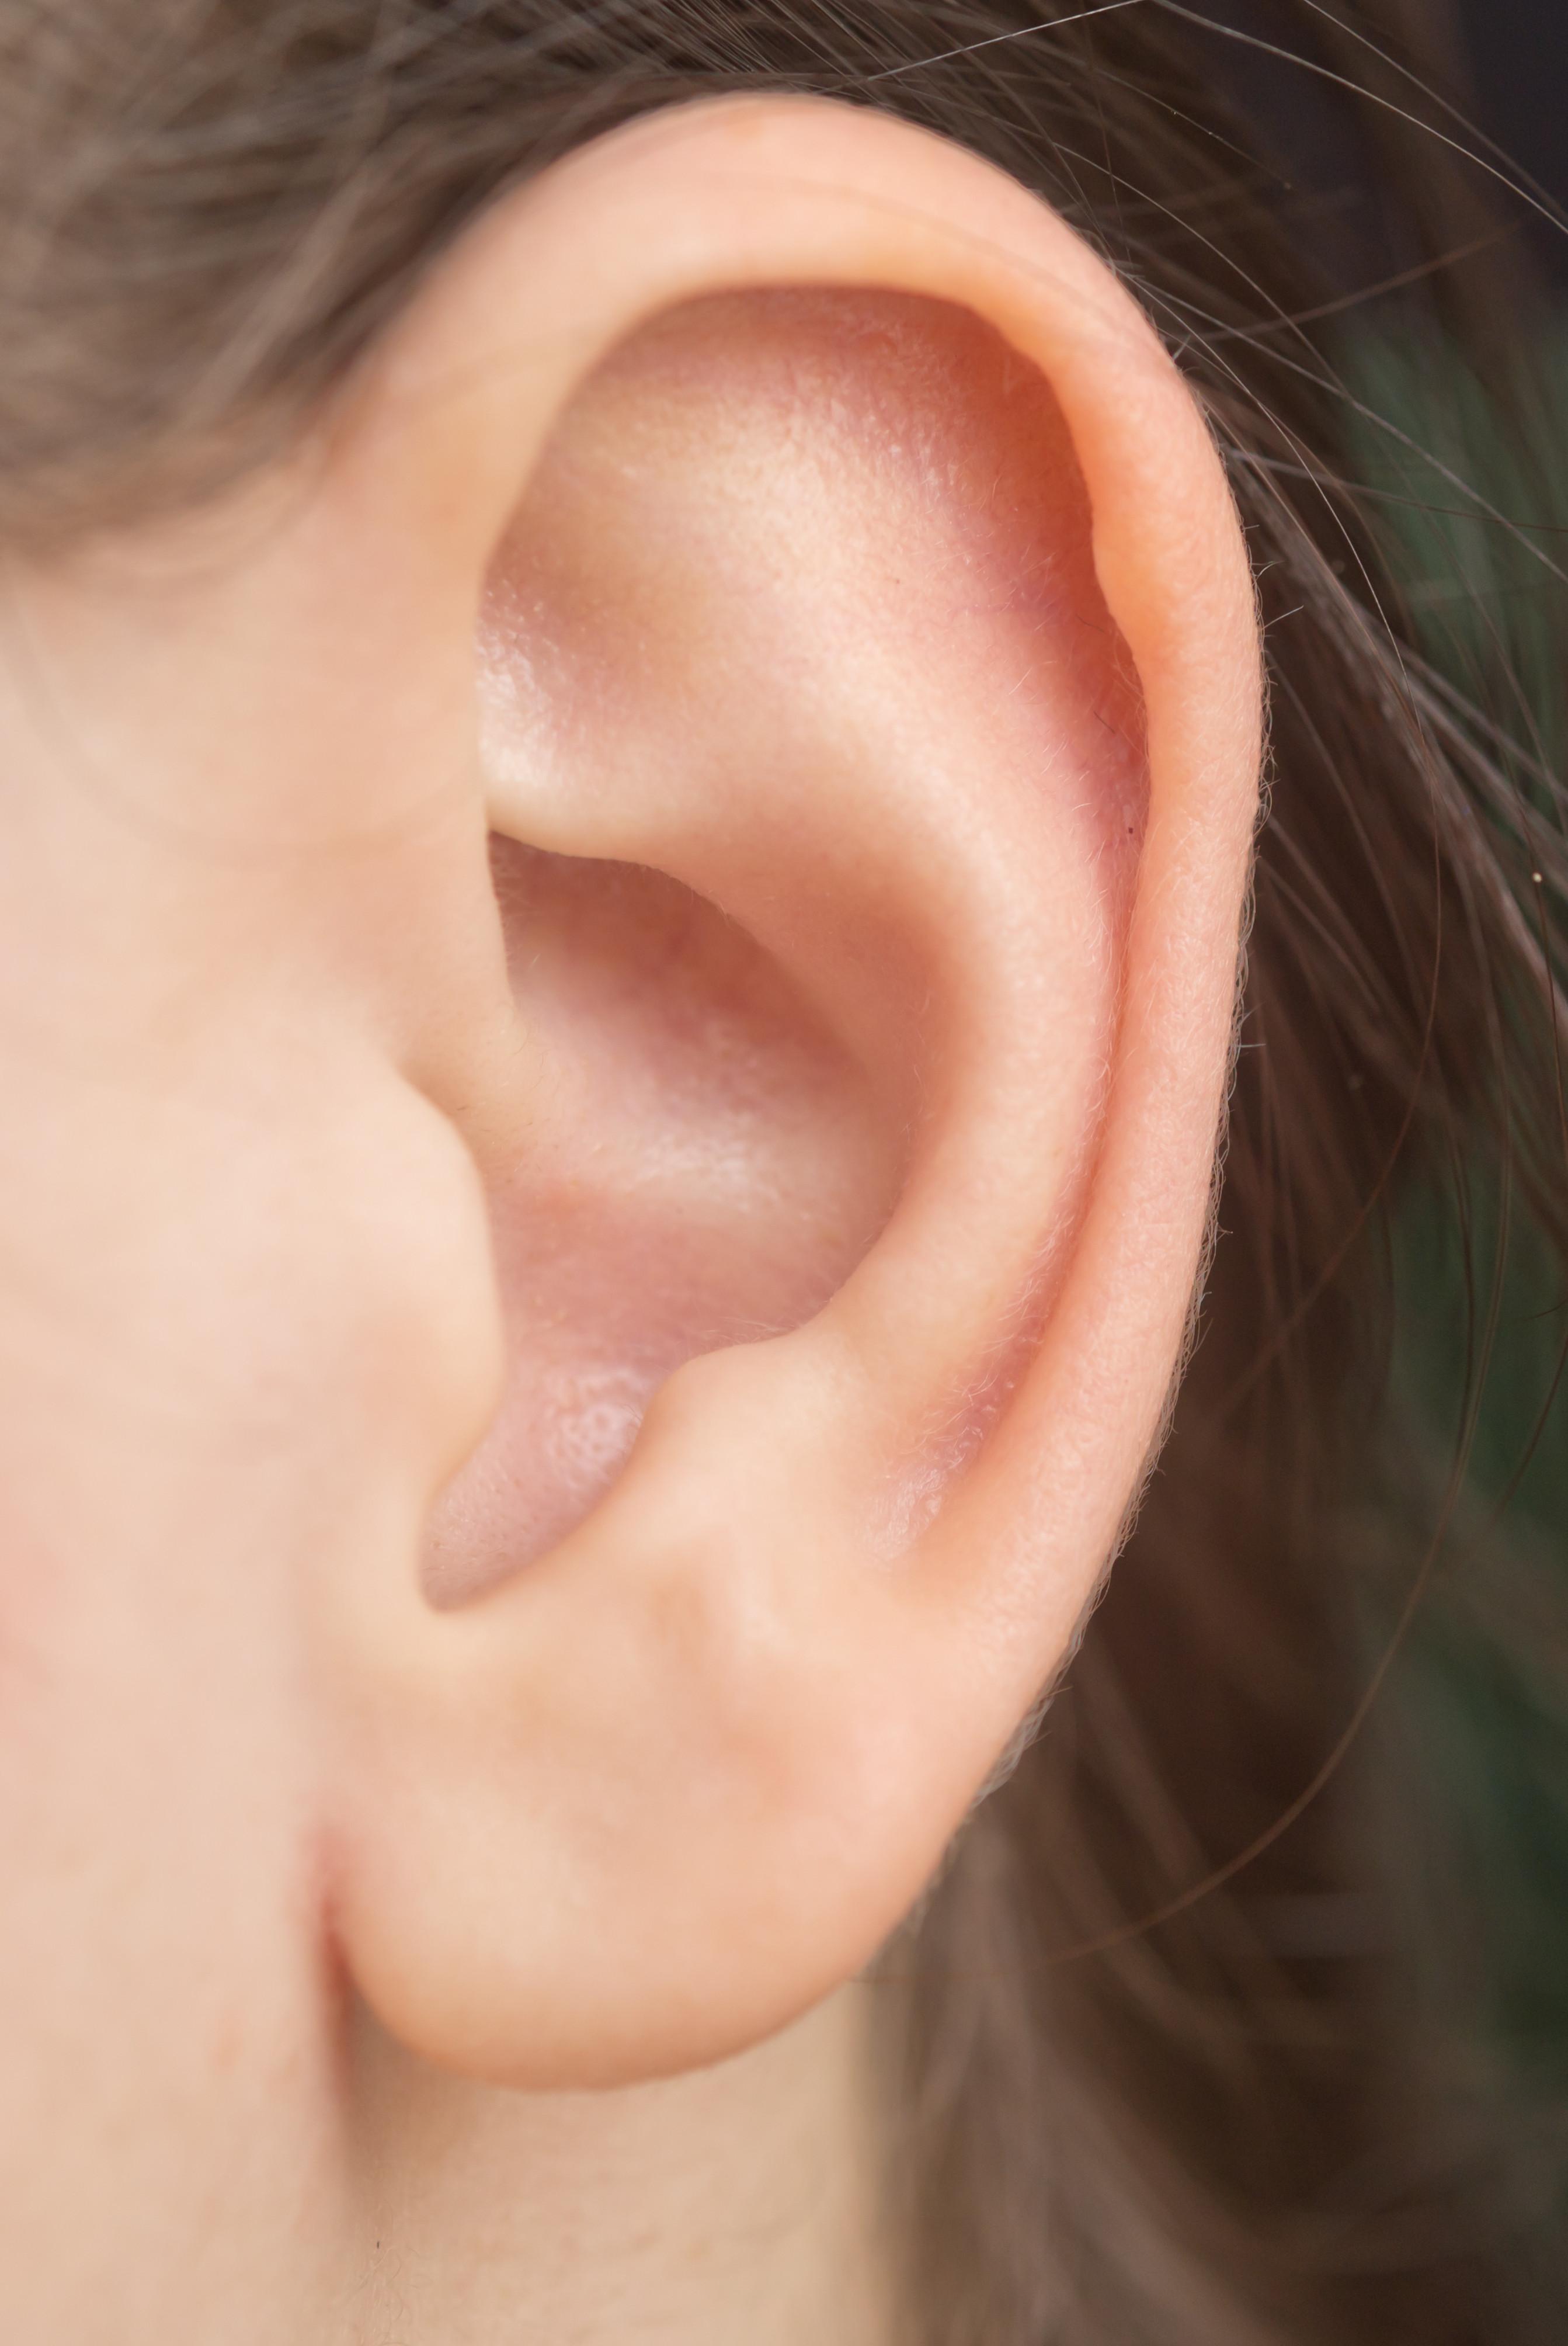 耳后长不痛不痒的小疙瘩 竟是肺癌转移扩散的淋巴结